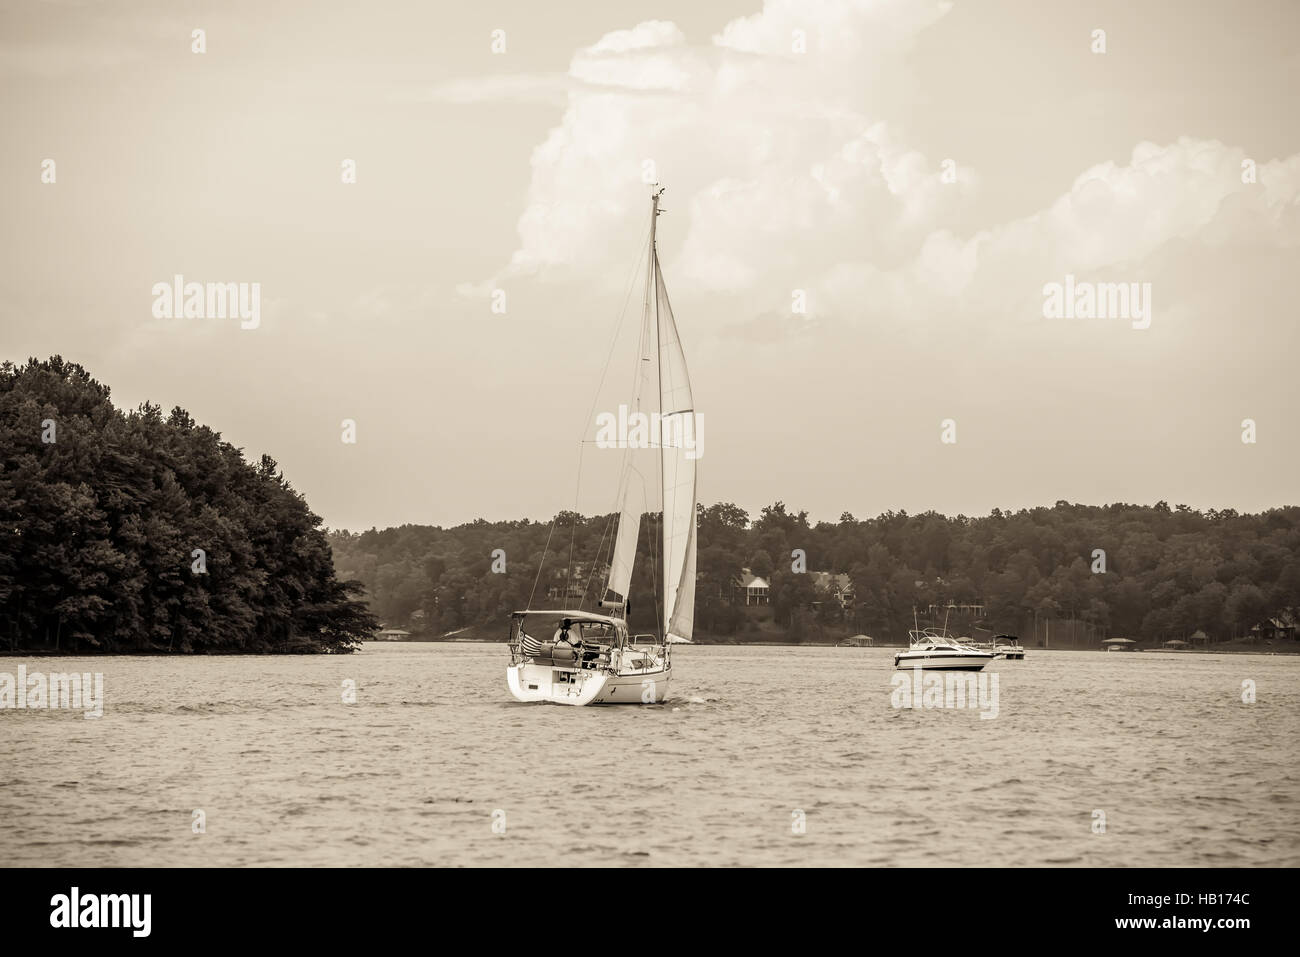 relaxing on lake keowee in sout carolina - Stock Image